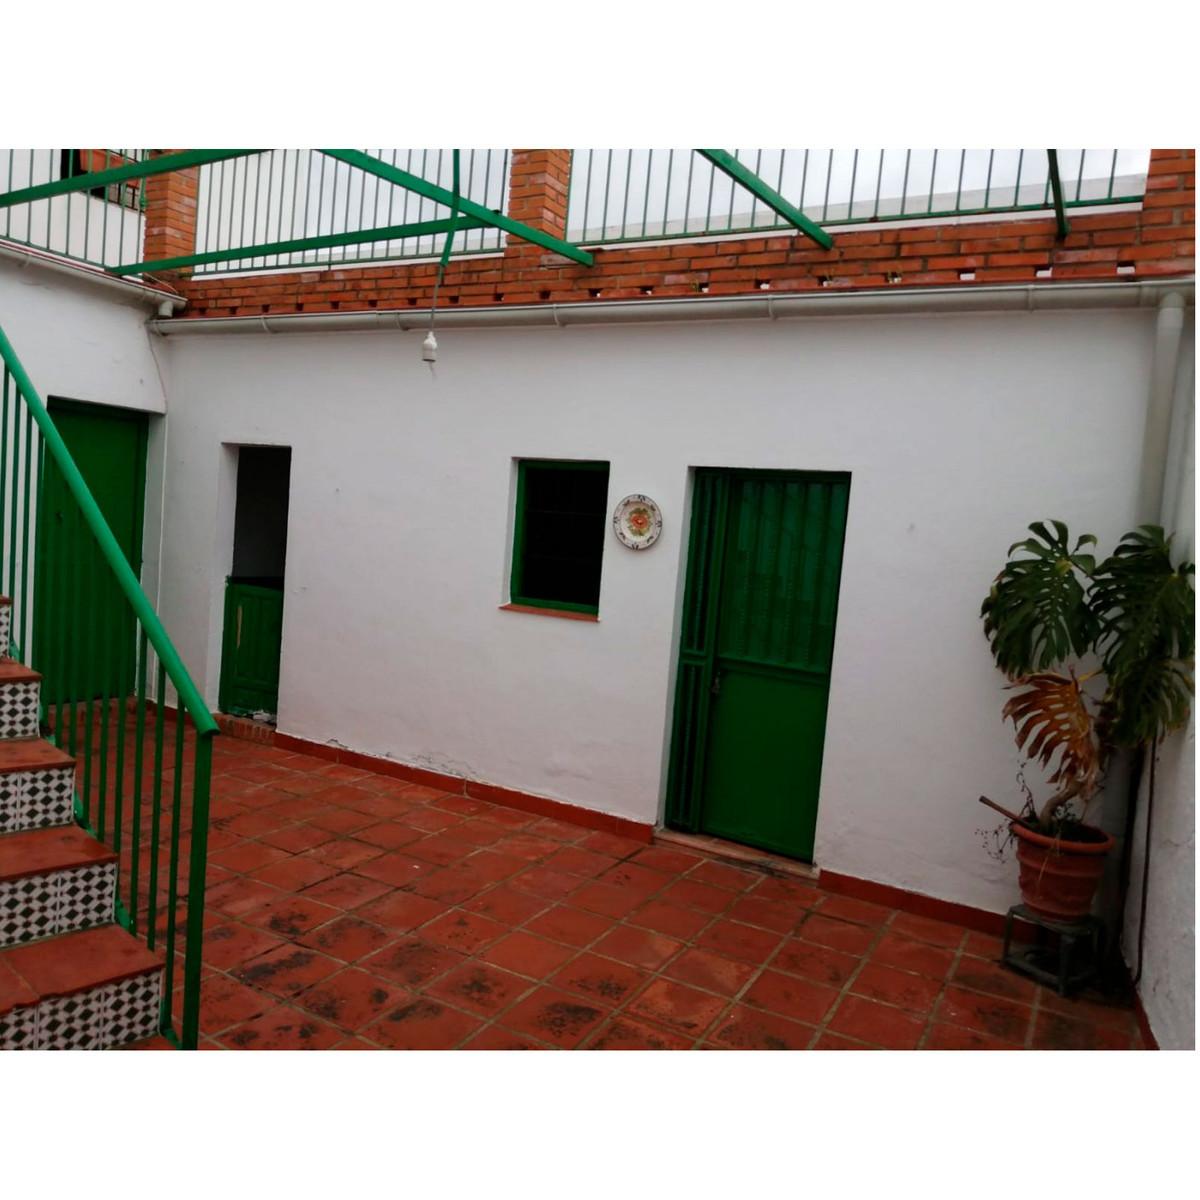 3 Bedroom Detached Townhouse For Sale Alhaurín el Grande